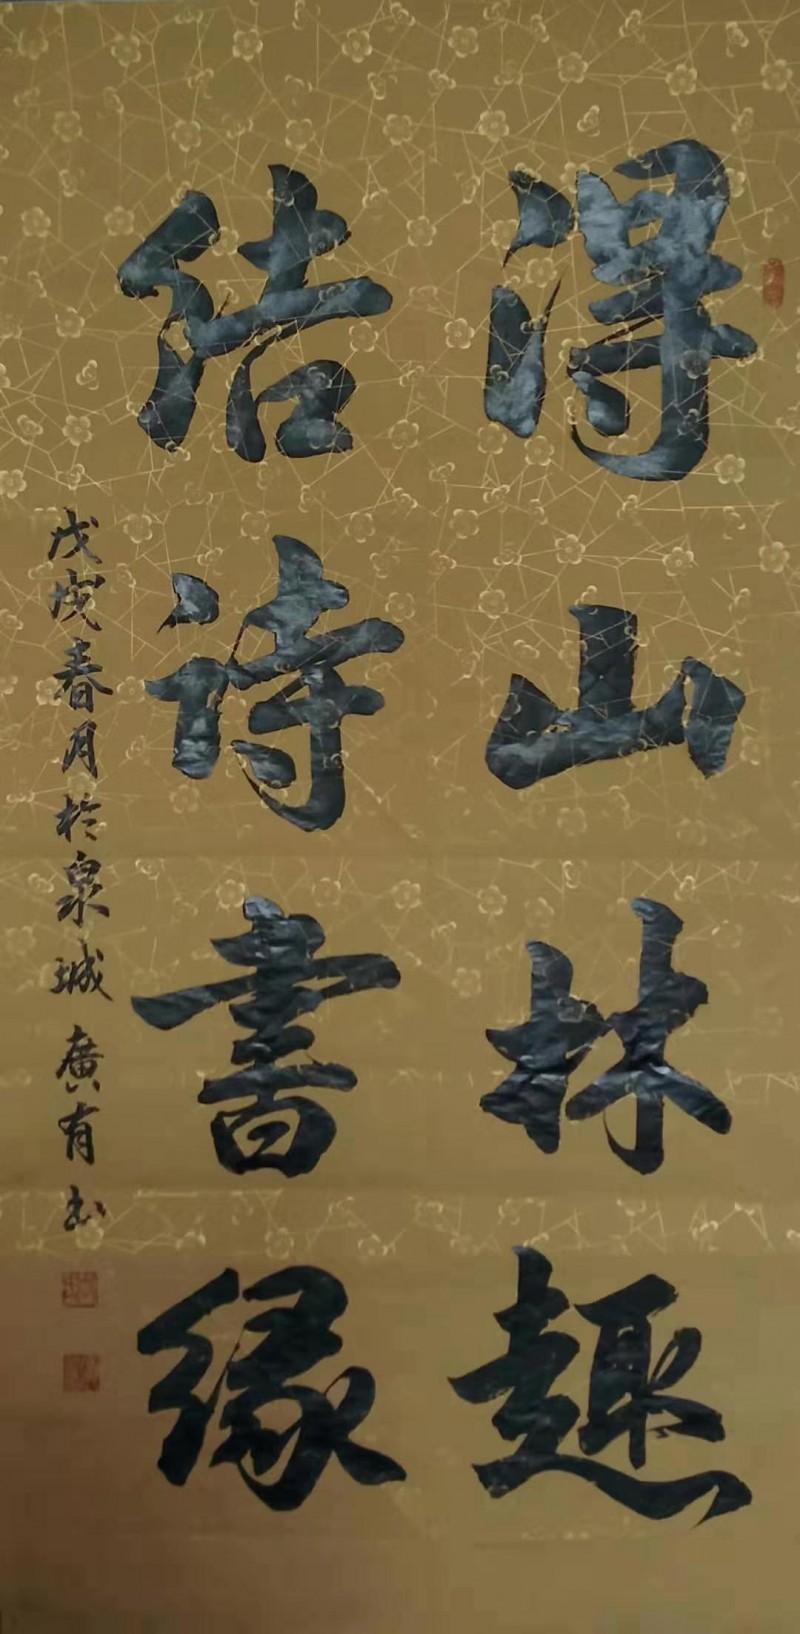 李广有——中宣盛世国际书画院会员、著名书画家